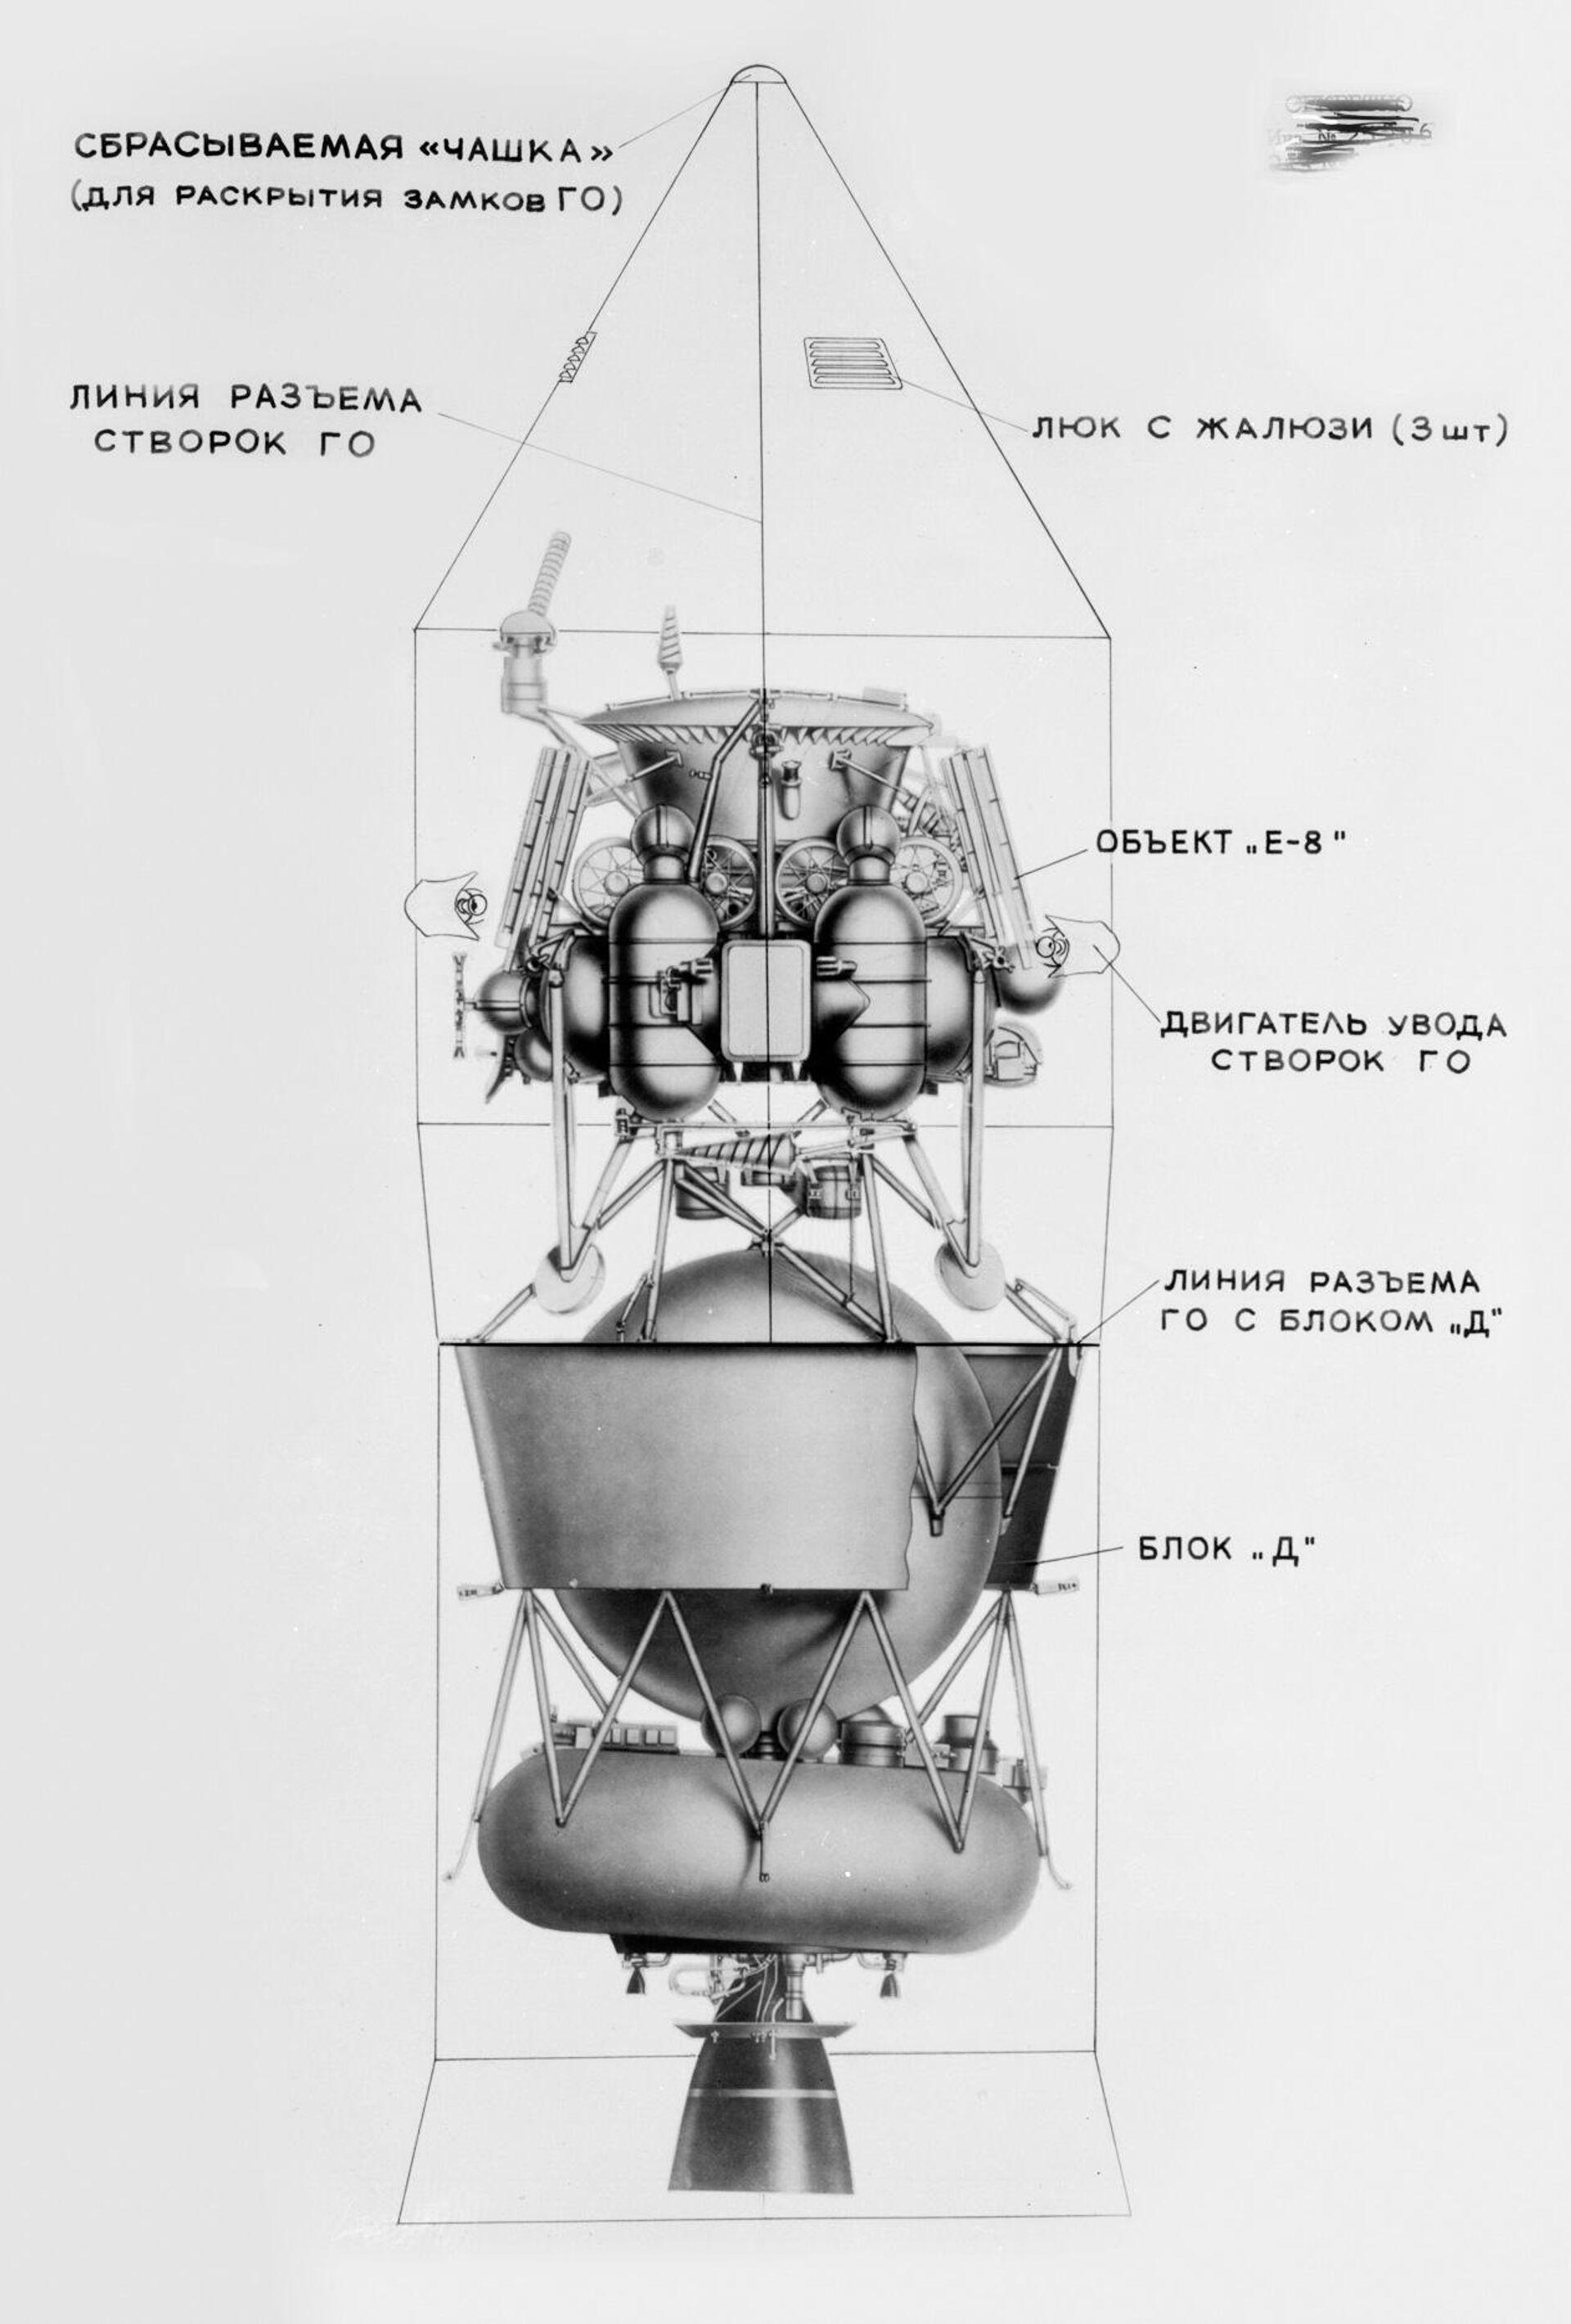 Схема космической головной части, включающей Объект Е-8 (Луноход-1 на посадочной ступени) и разгонный Блок Д - РИА Новости, 1920, 16.11.2020